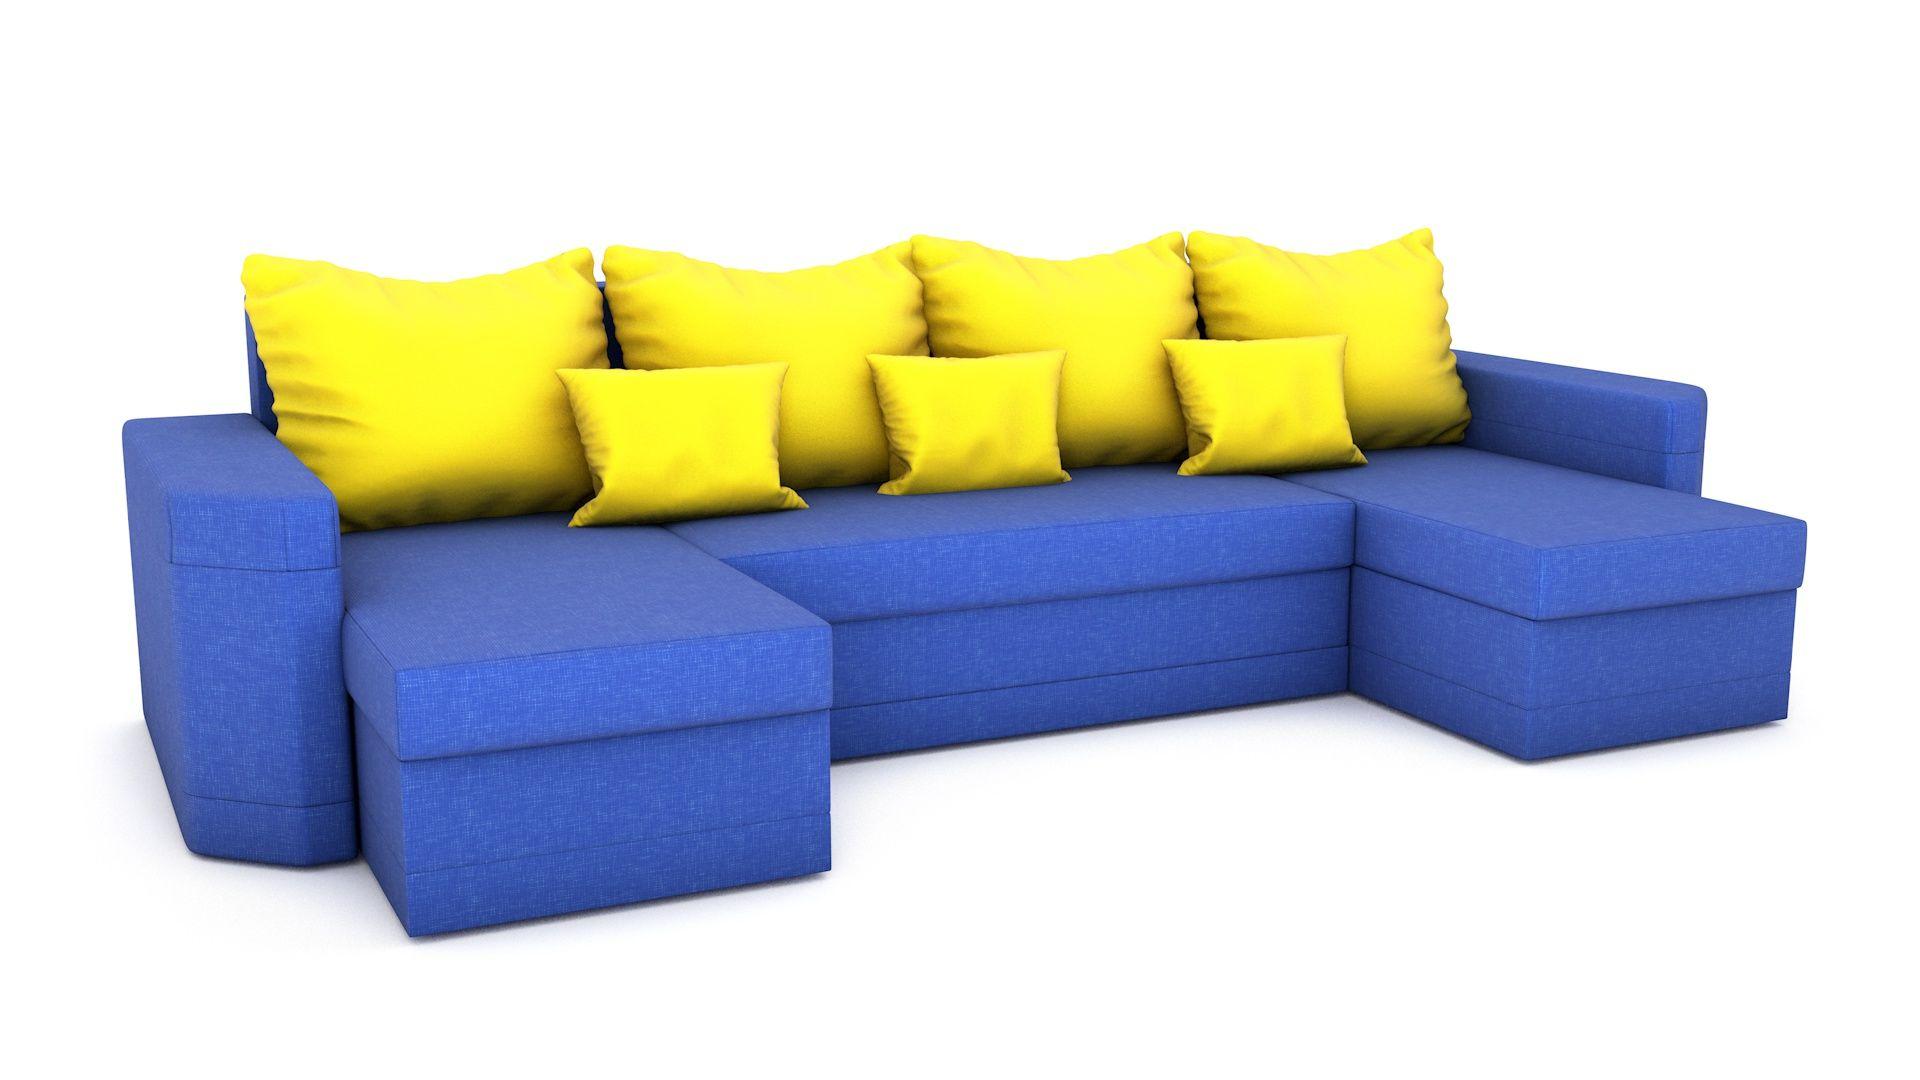 Die Couch hat zwei Behälter für Bettwäsche Das Ecksofa ist sehr